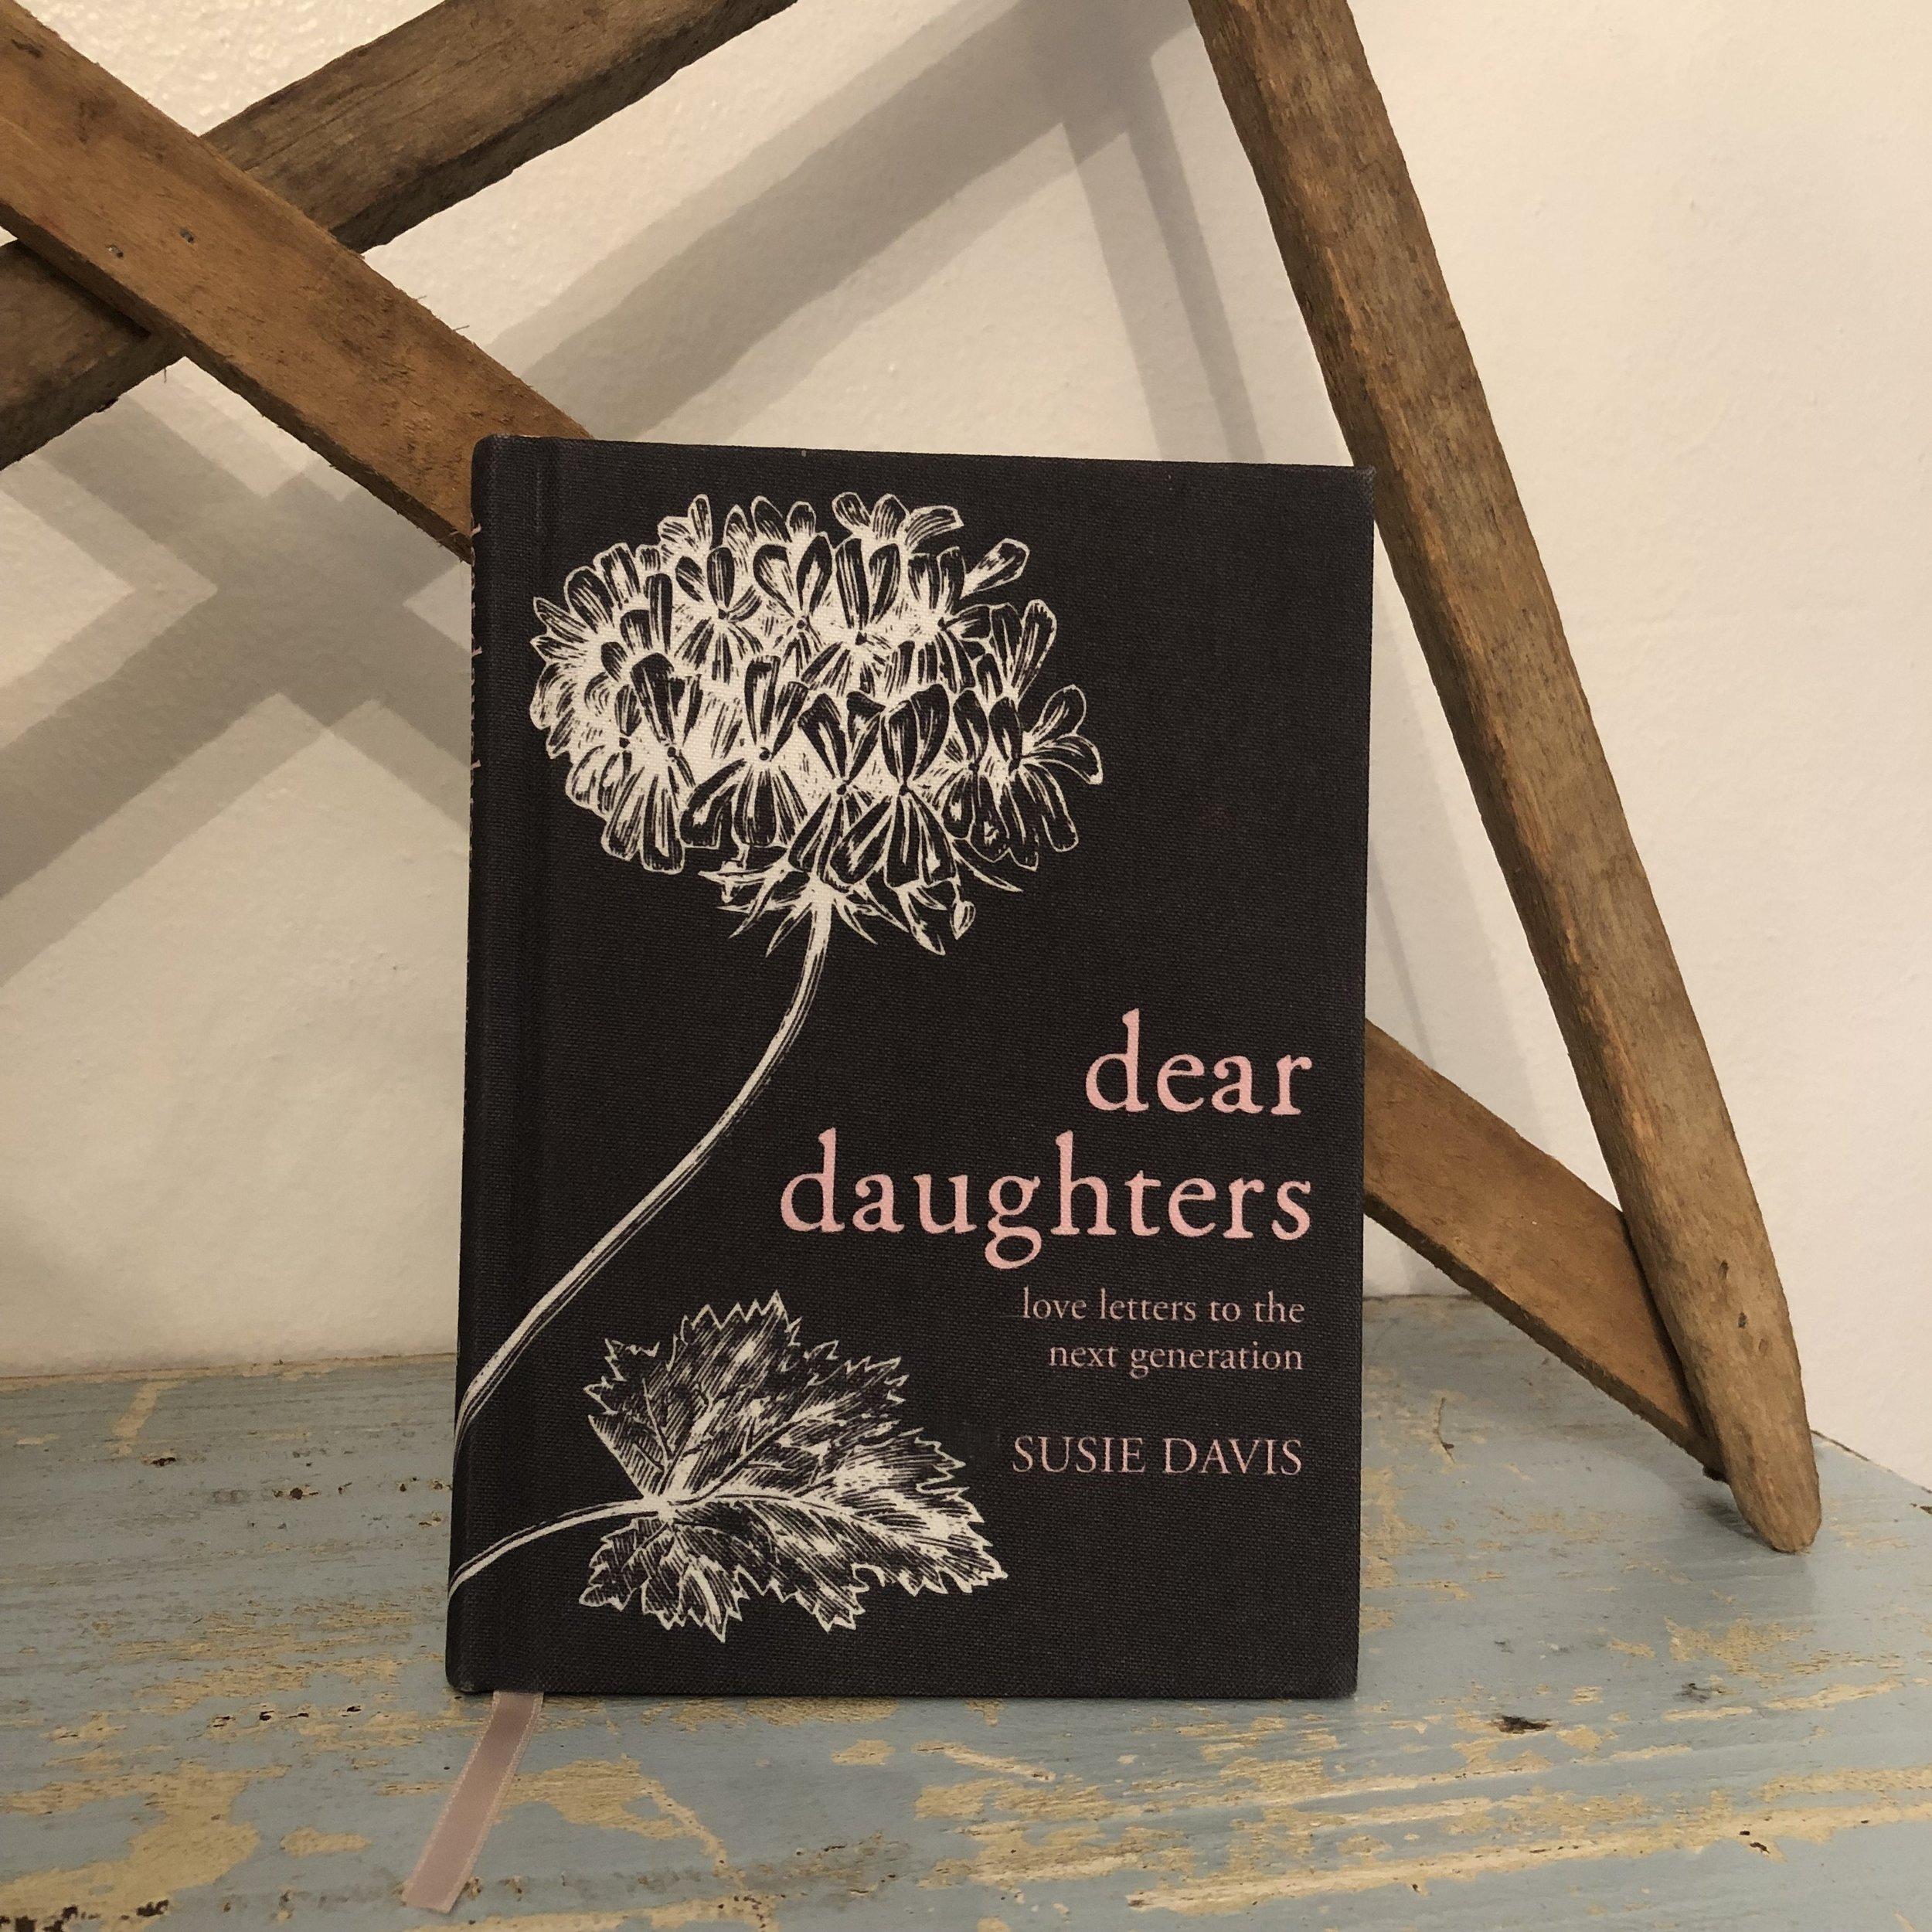 dear daughters.JPG